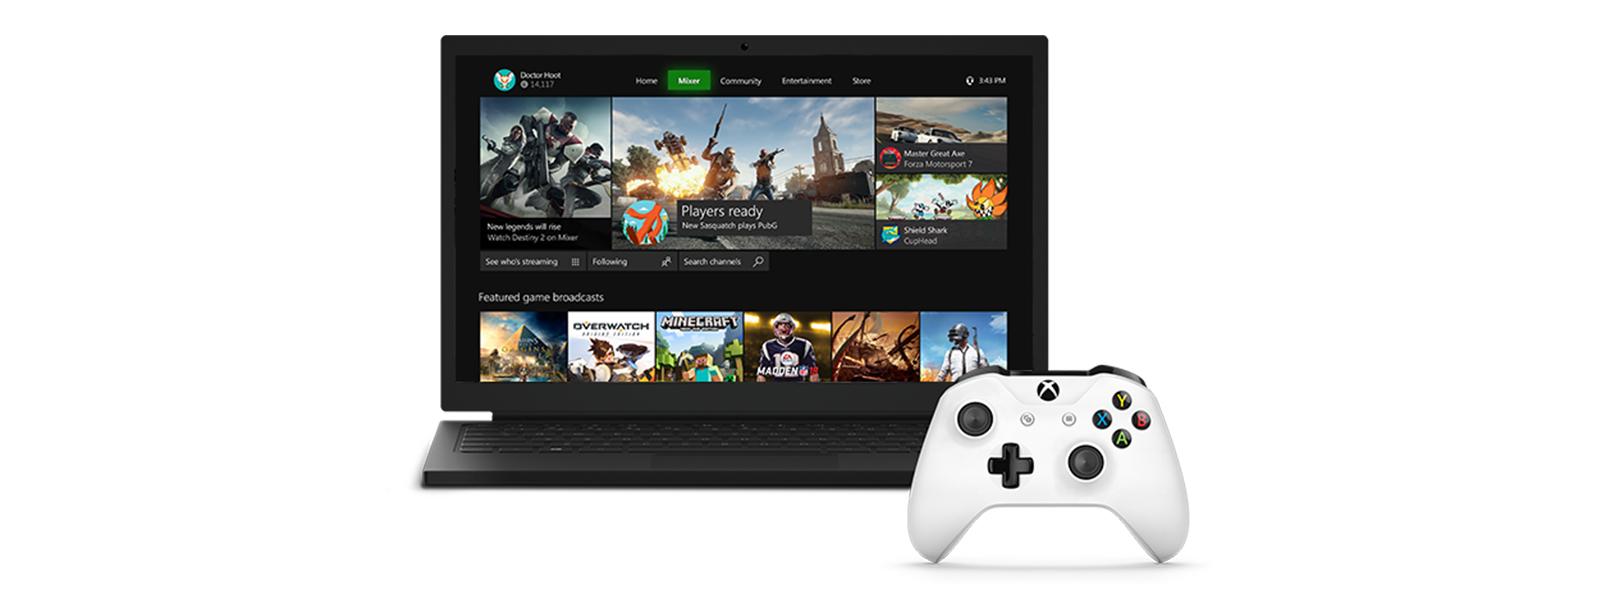 Nova interface do Mixer para jogos Windows 10